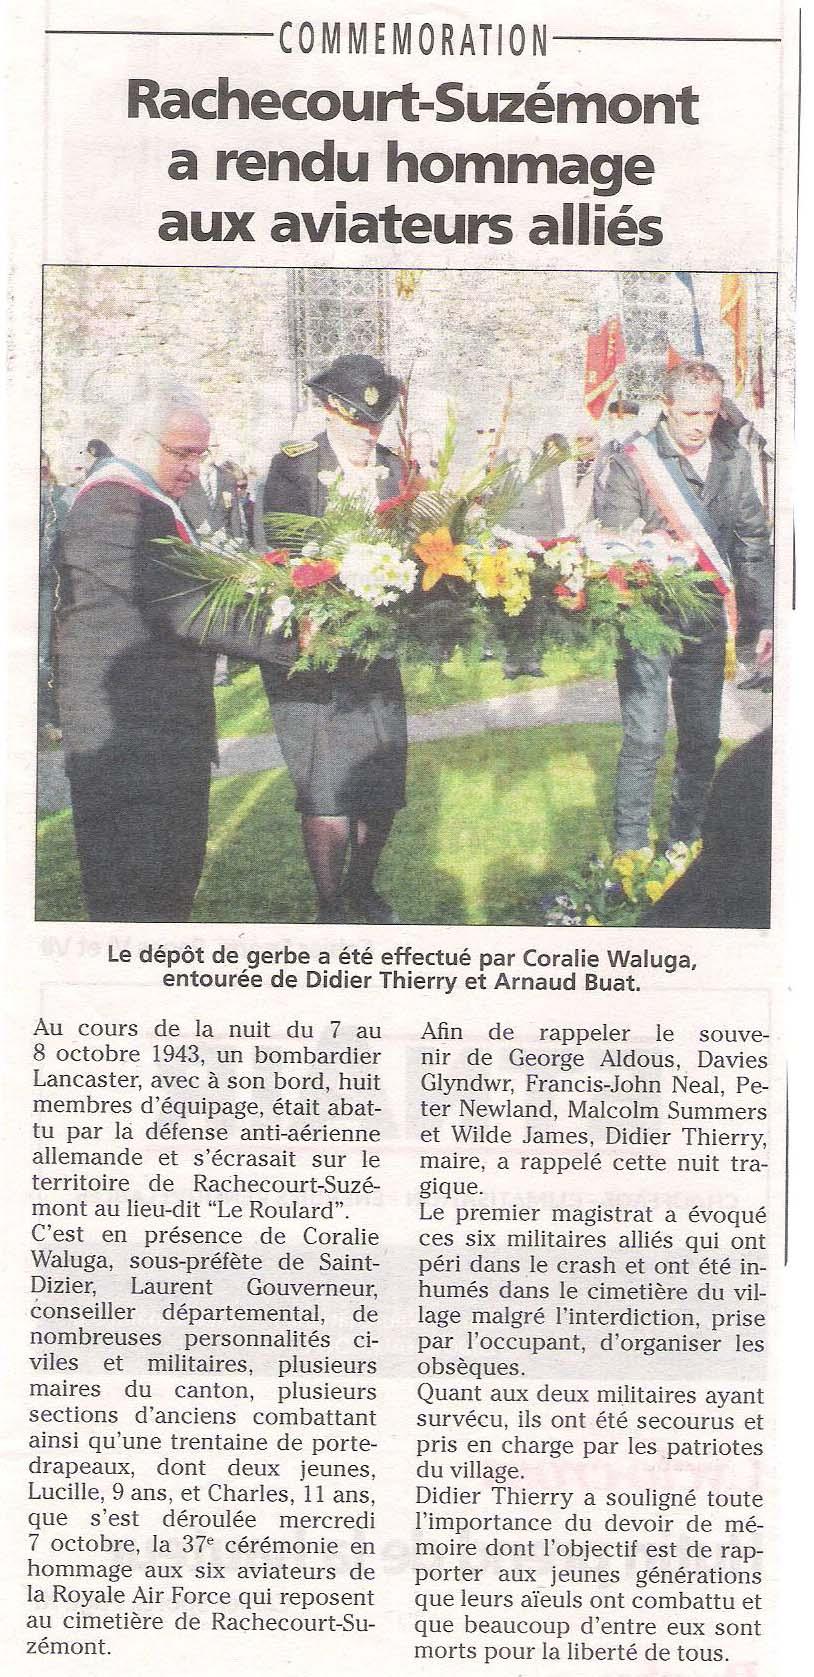 (15) 07-10-2015 Hommage aux aviateurs alliés à Rachecourt-Suzémont 2